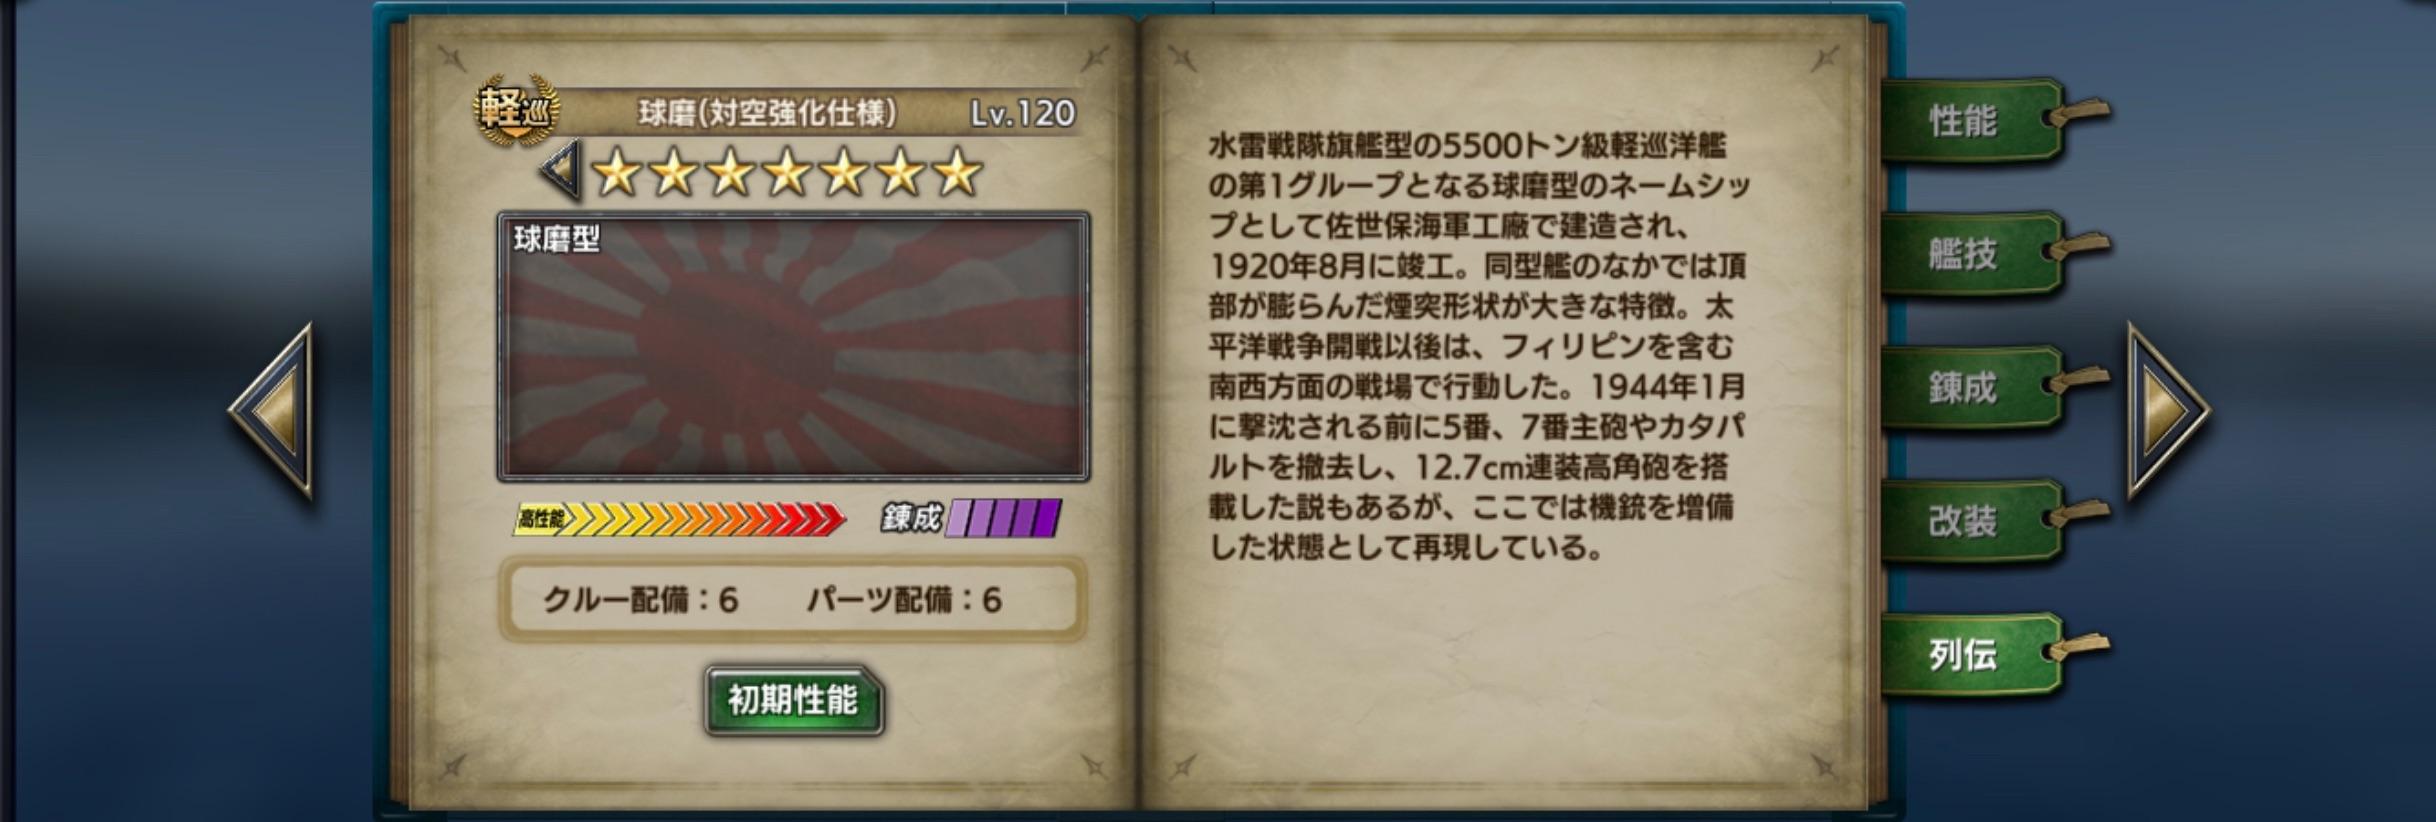 kuma-history